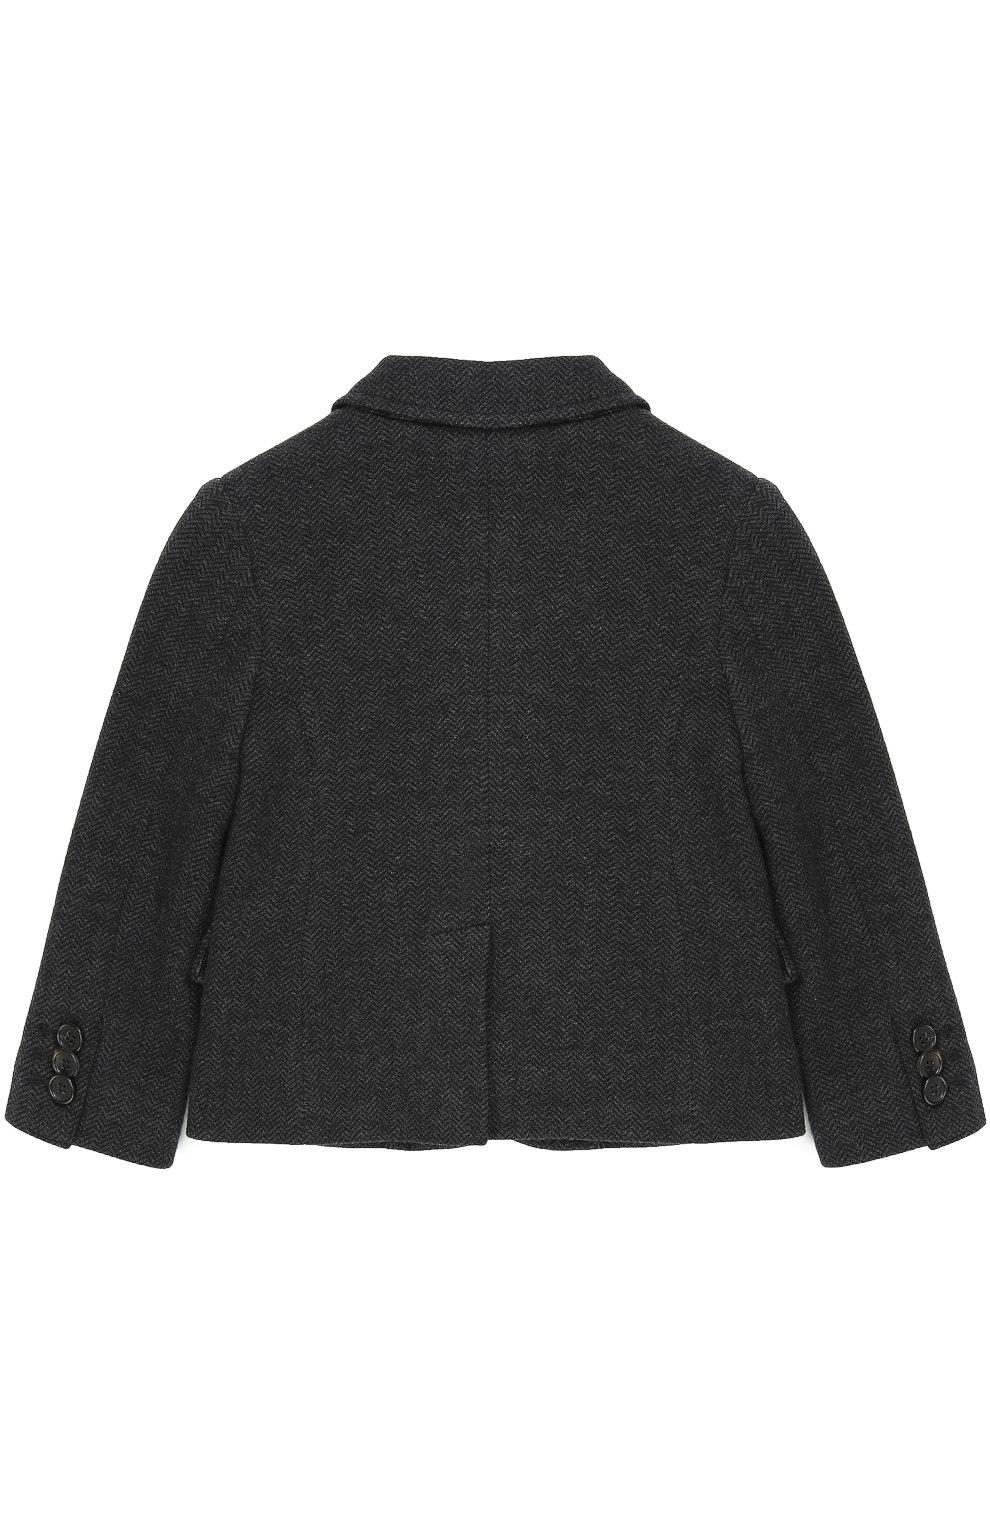 Детский хлопковый пиджак на двух пуговицах с нашивкой Dolce & Gabbana темно-серого цвета | Фото №2